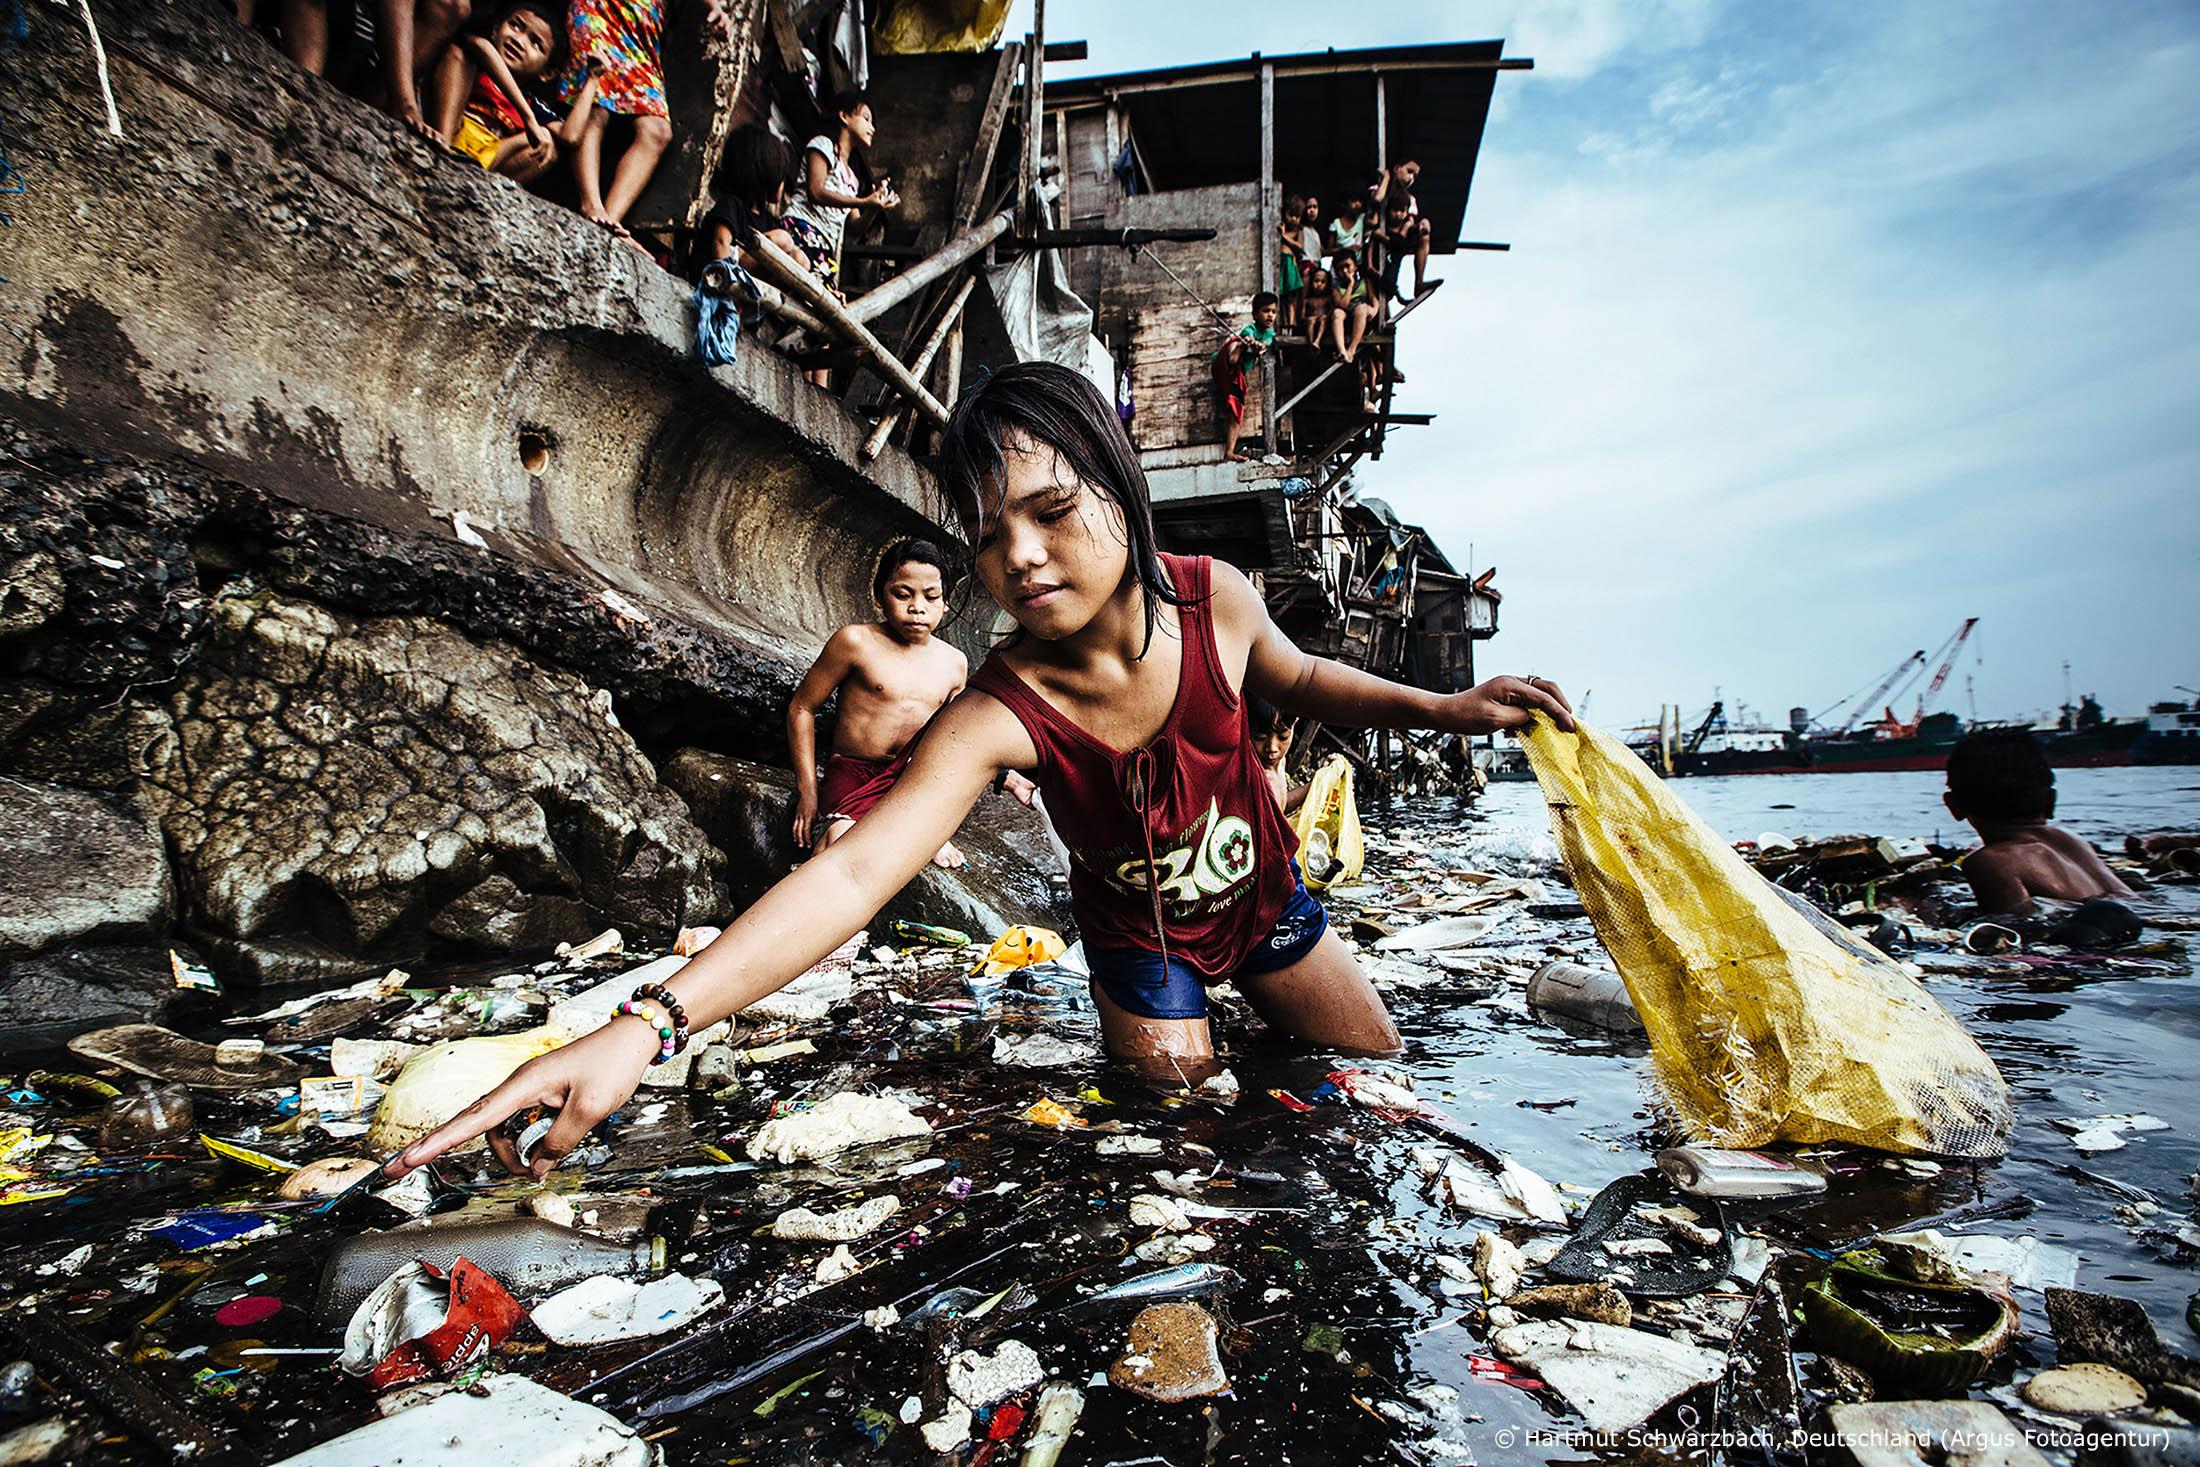 1. Preis 2019: Hartmut Schwarzbach (Deutschland), Argus Fotoagentur, »Philippinen: Die Kinder, der Müll und der Tod« Nur Ratten gefällt es hier. Im Stadtteil Tondo am Hafen von Manila leben Kinder davon, Plastikflaschen aus der verdreckten Bucht zu fischen, um sie bei einem Müll-Recycler zu verkaufen. Wenn sie Glück haben, liegt ihr Tageslohn bei 50 philippinischen Pesos, 90 Cents. Kinderarbeit ist auch auf den Philippinen verboten, aber im Slum von Tondo, dem größten des Landes, ist das nicht mehr als ein unbeachtetes Gesetz. Hier, wo 70.000 Einwohner auf einem Quadratkilometer in Hütten aus Wellblech, Pappe und Restholz hausen, ohne Strom und Trinkwasseranschluss; wo Dengue und Durchfallerkrankungen, Leptospirose und Hautkrankheiten grassieren, wo Mangelernährung verbreitet und die Lebenserwartung niedrig ist, müssen auch Kinder ein bisschen Geld verdienen. Mädchen wie die dreizehnjährige Wenie Mahiya auf diesem Bild, aber auch schon Zehnjährige, Siebenjährige. Mitunter paddeln sie auf Bambusflößen oder Kühlschranktüren durch das Schmutzwasser der Bucht, ein vor allem in der Taifunzeit lebensgefährliches Unterfangen. Aber gestorben wird hier auch, wie der deutsche Fotograf Hartmut Schwarzbach erfahren musste, an Lebensmittelvergiftungen. Nackte Armut, Kinderarbeit und die Müllflut in den Meeren: Schwarzbach dokumentiert in seinen eindringlichen Fotos von Tondo das Zusammentreffen gleich dreier Katastrophen.